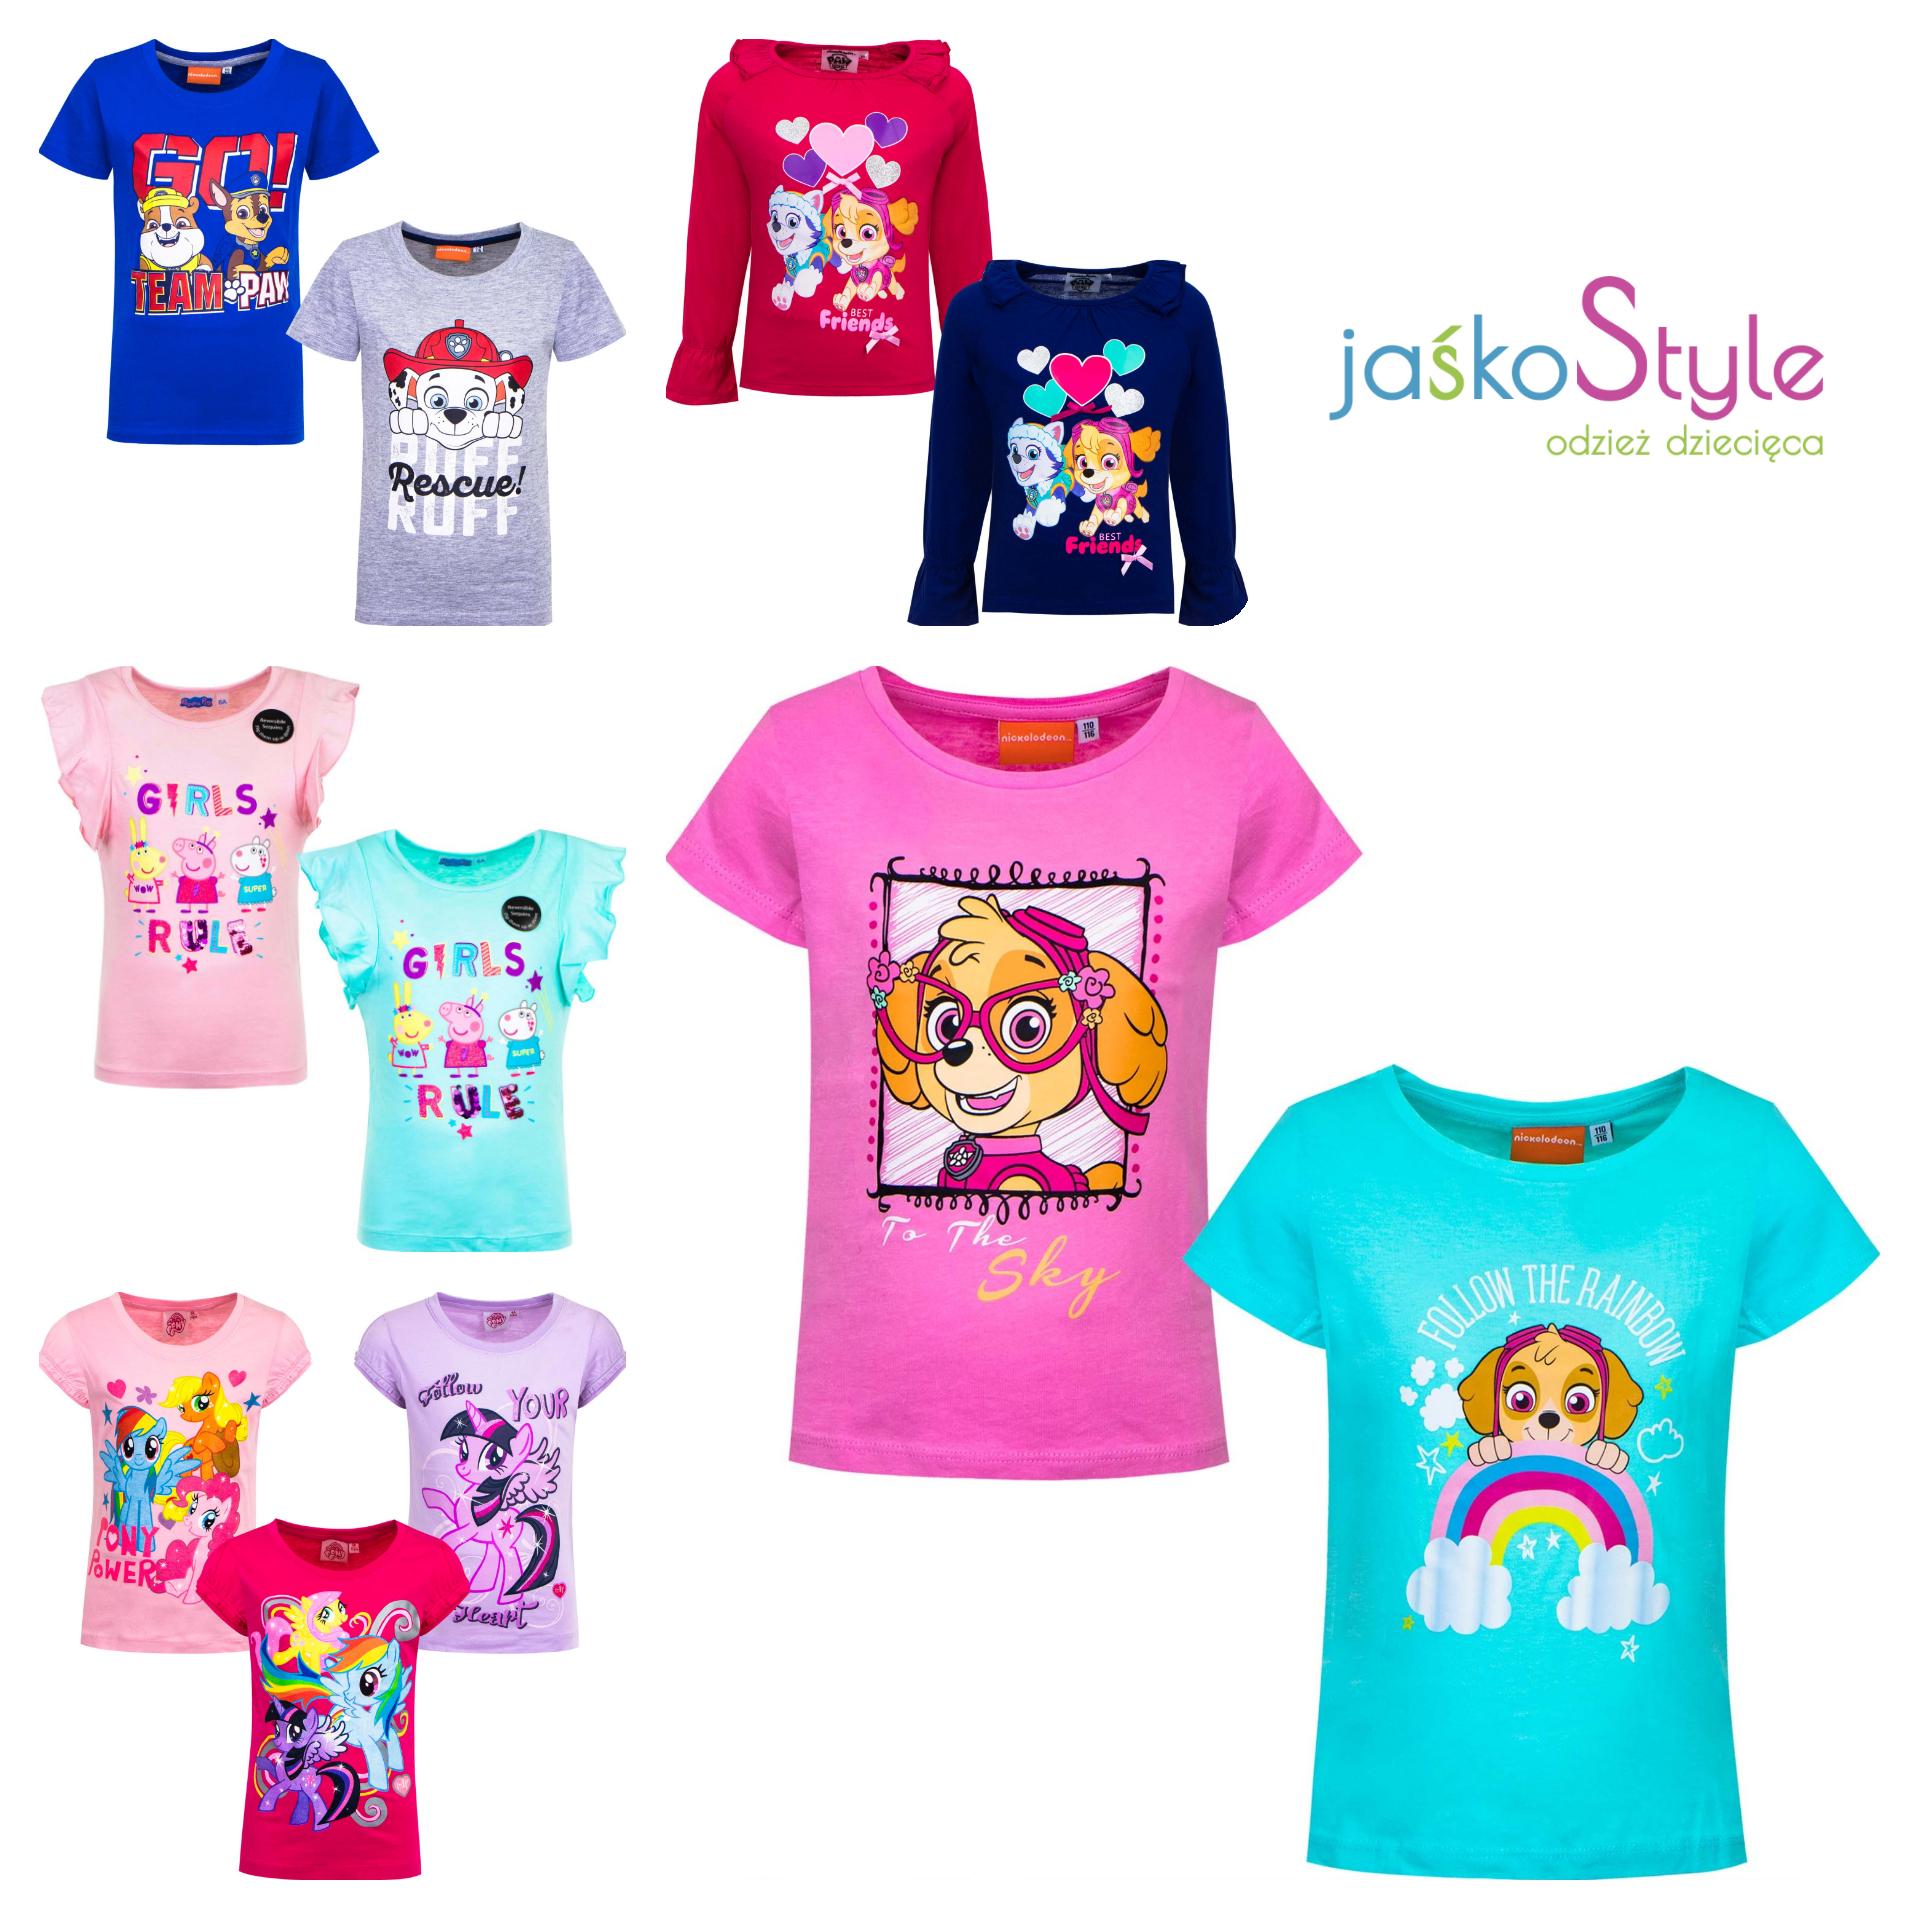 jaśkoStyle - ubrania dla dzieci